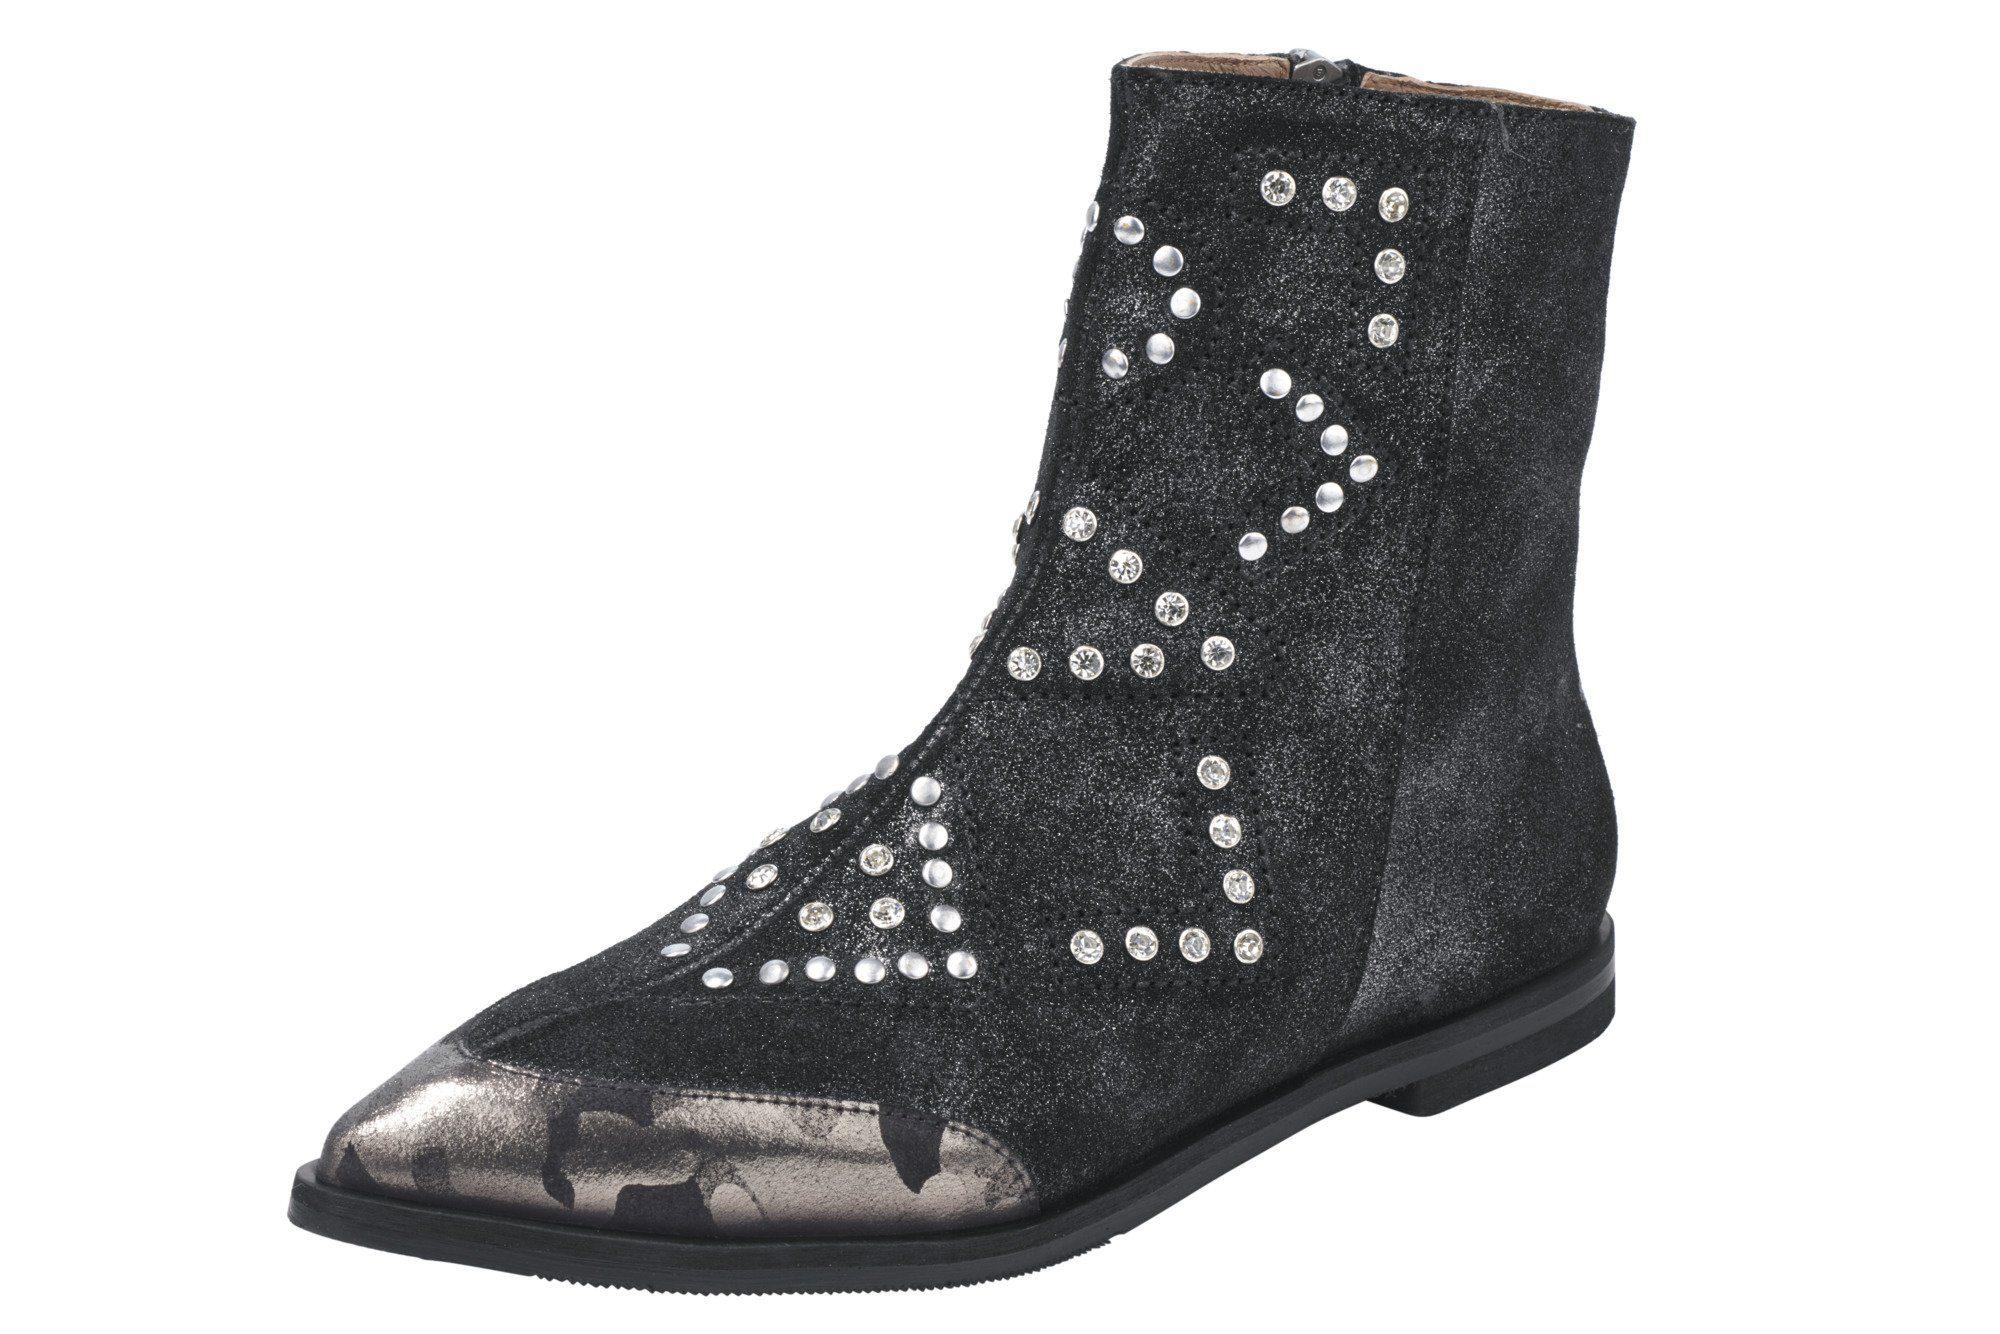 XYXYX Stiefel online kaufen | Farbe : schwarz, Artikel Nr